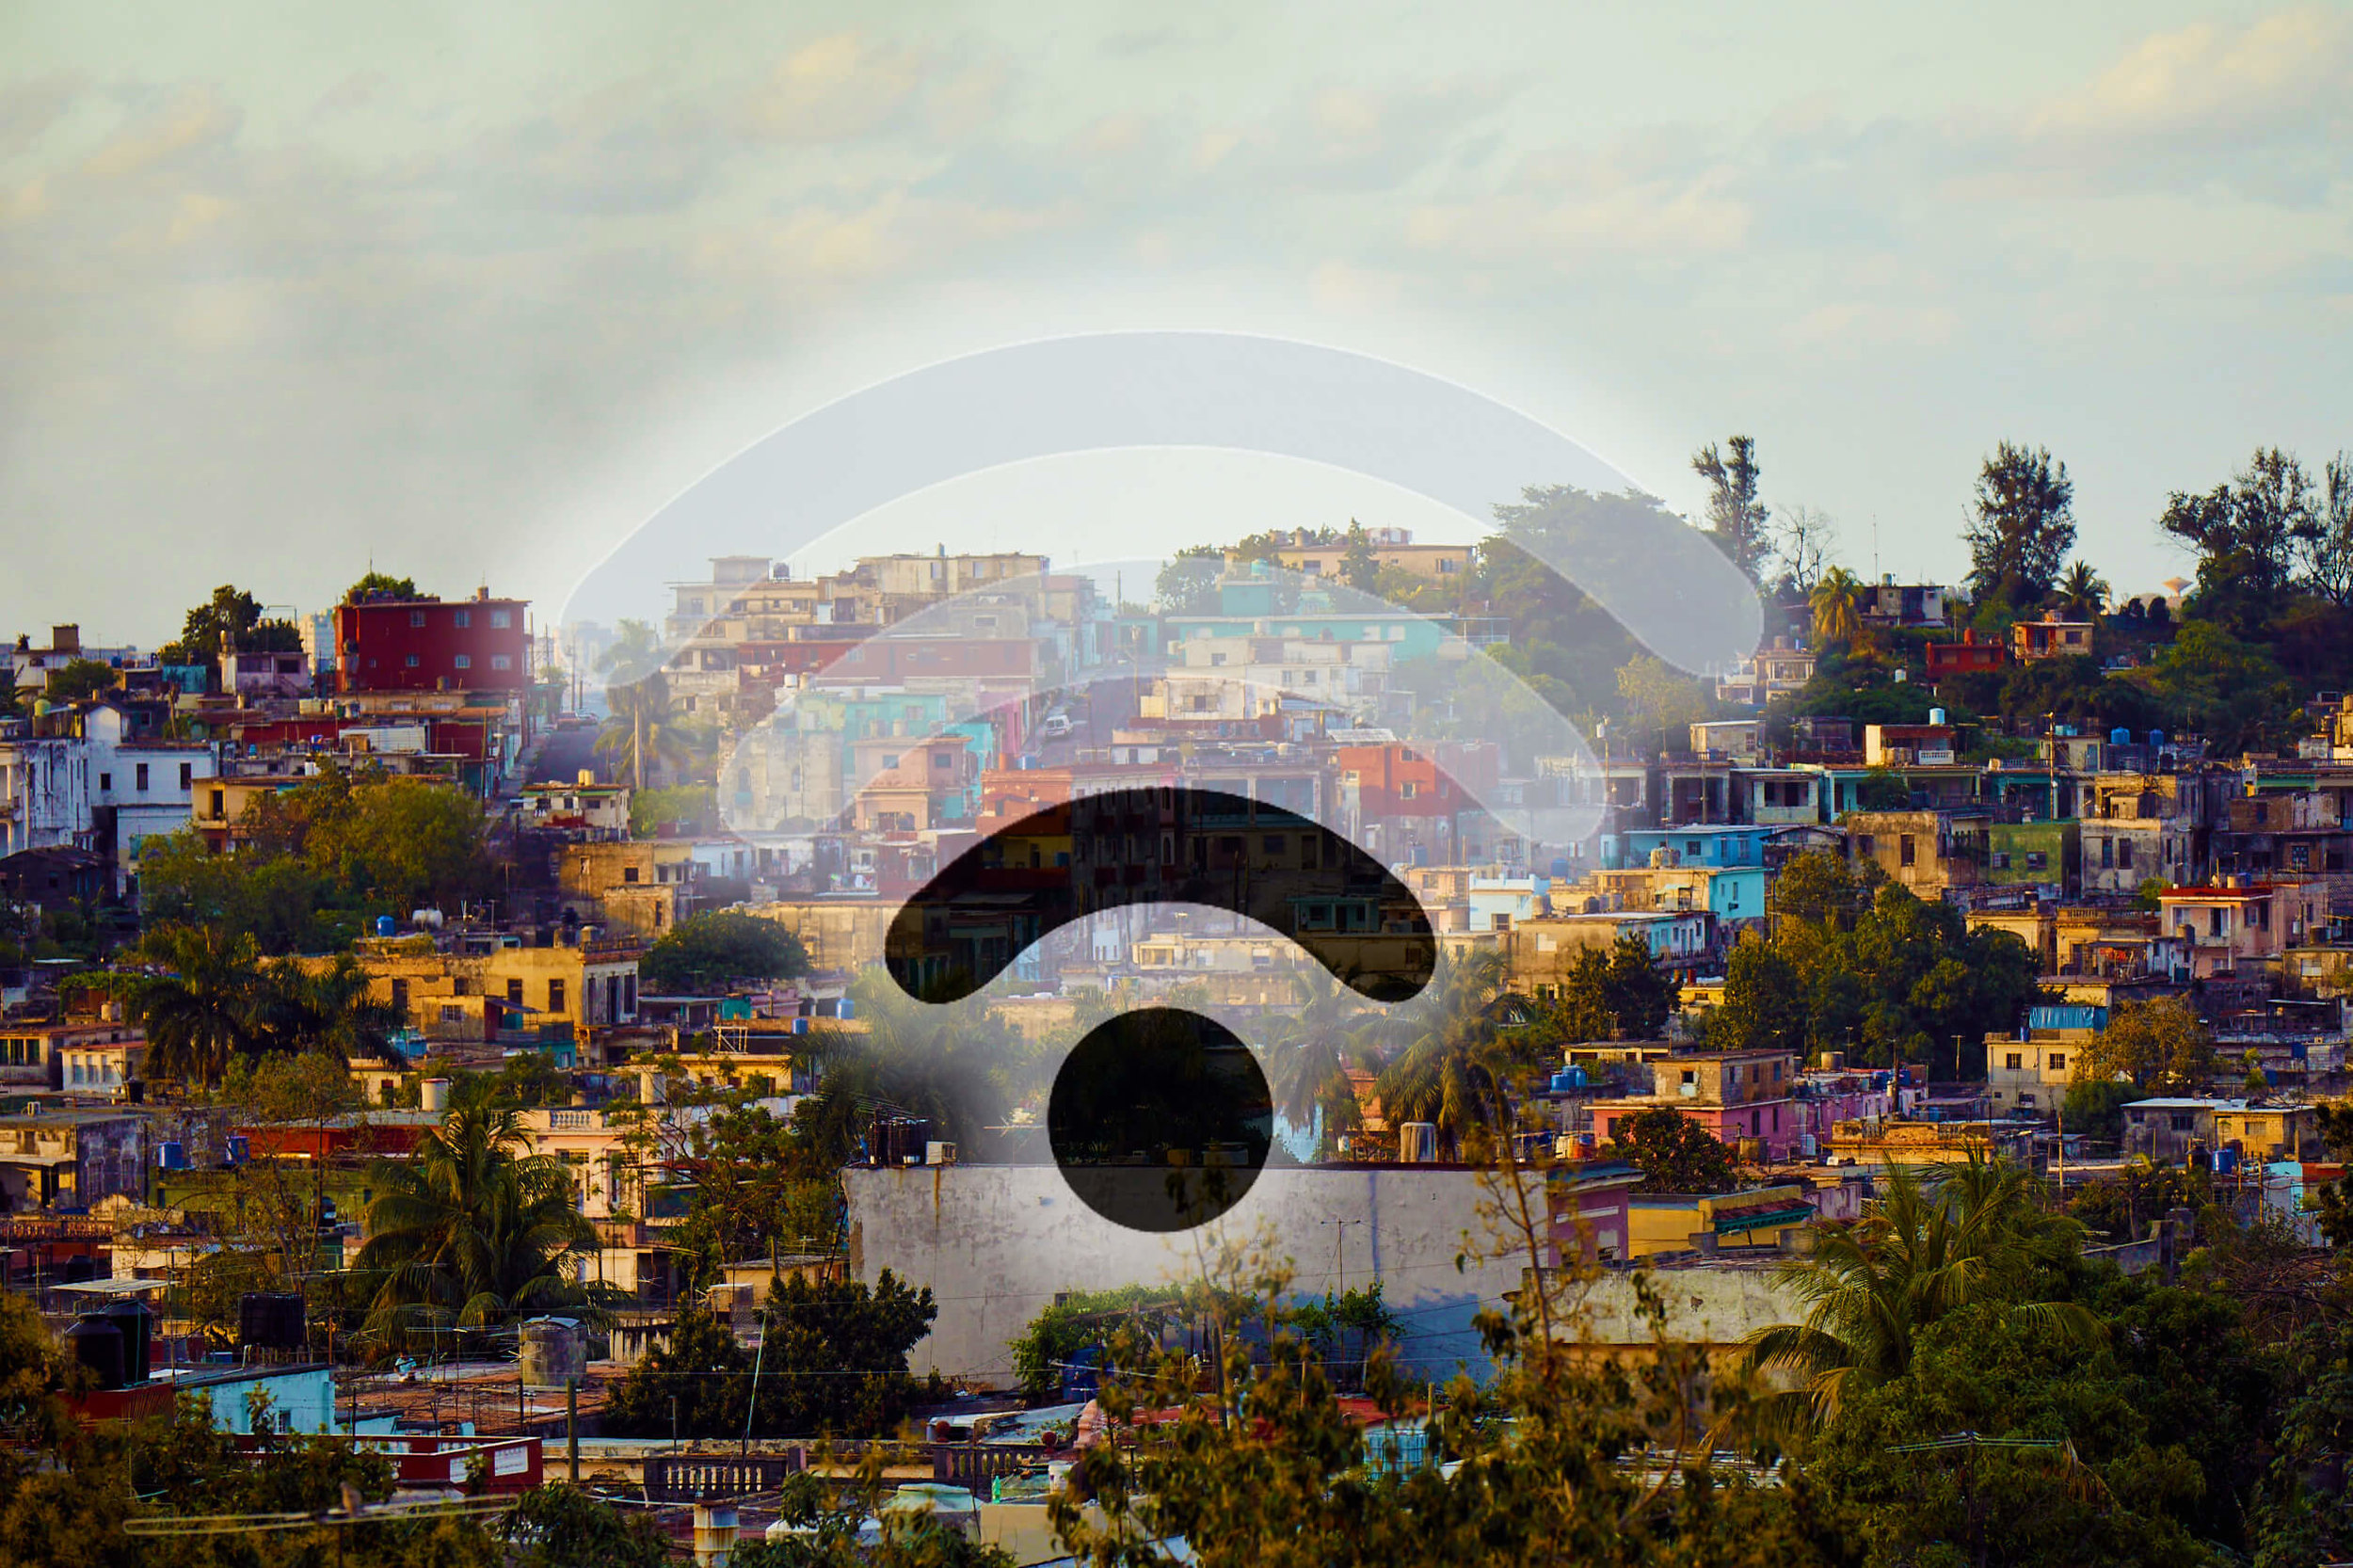 internet_in_cuba_wifi_access.jpg